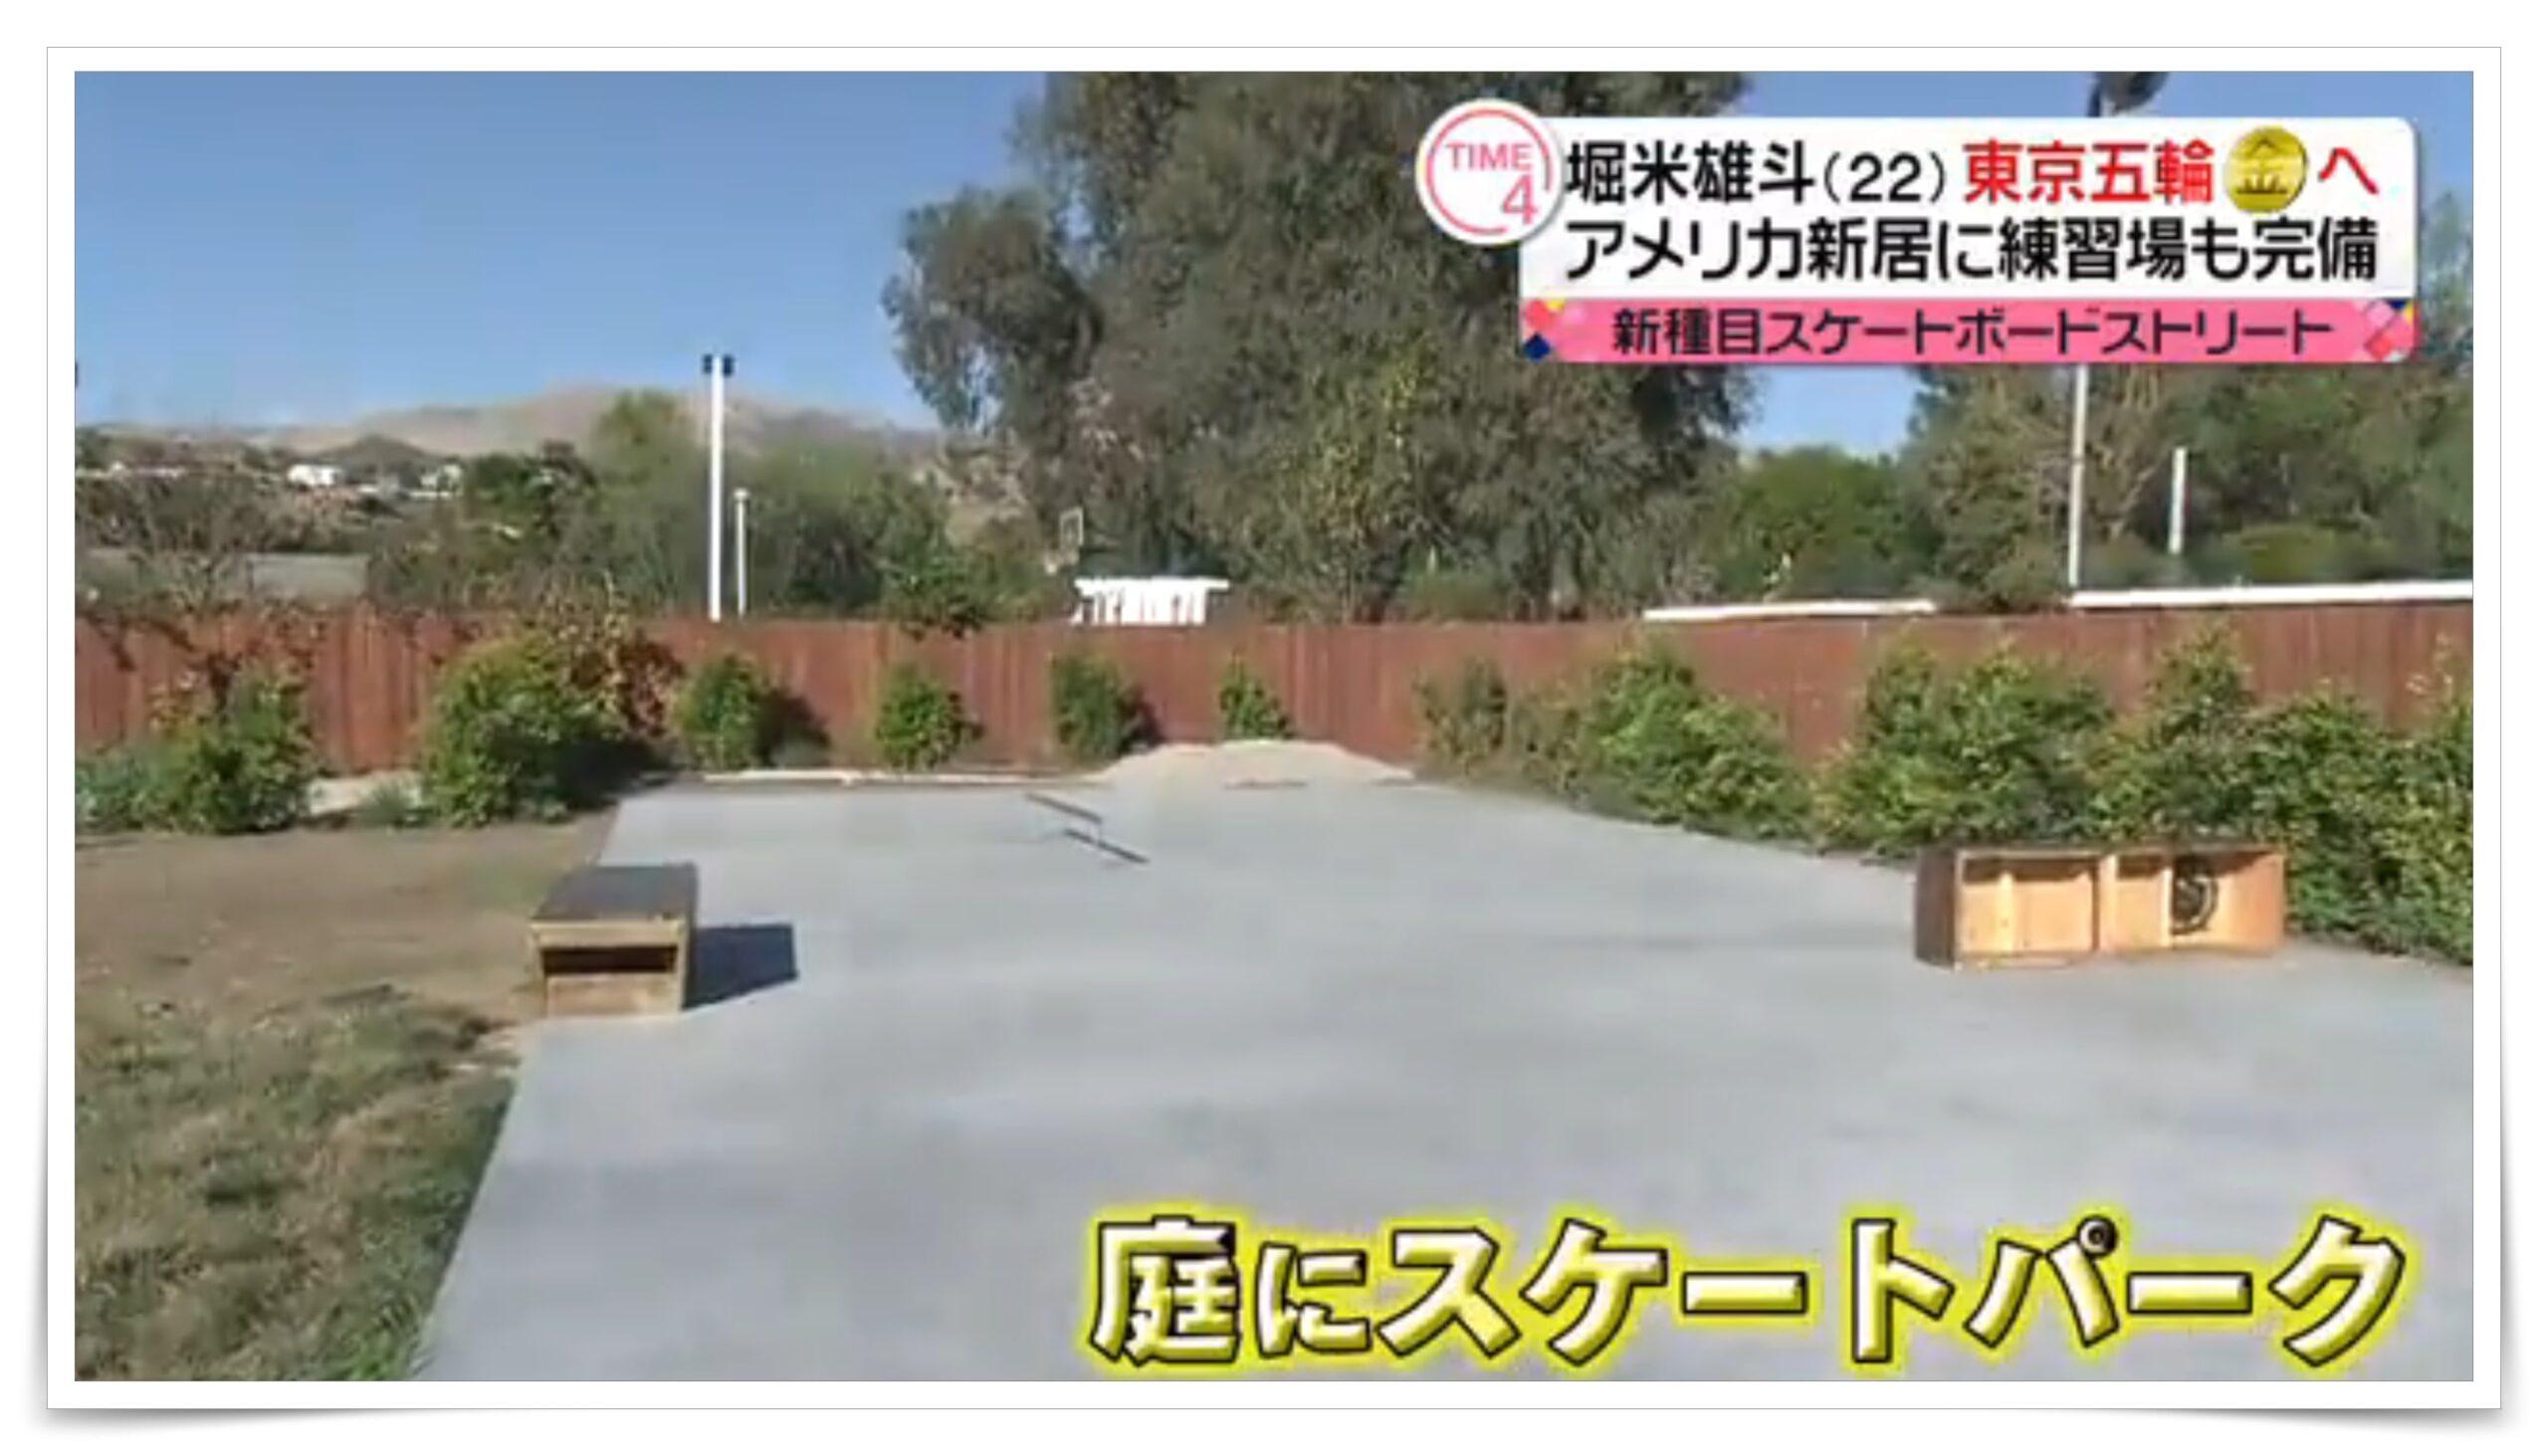 堀米雄斗の豪邸、自宅、家、画像、間取り、年収